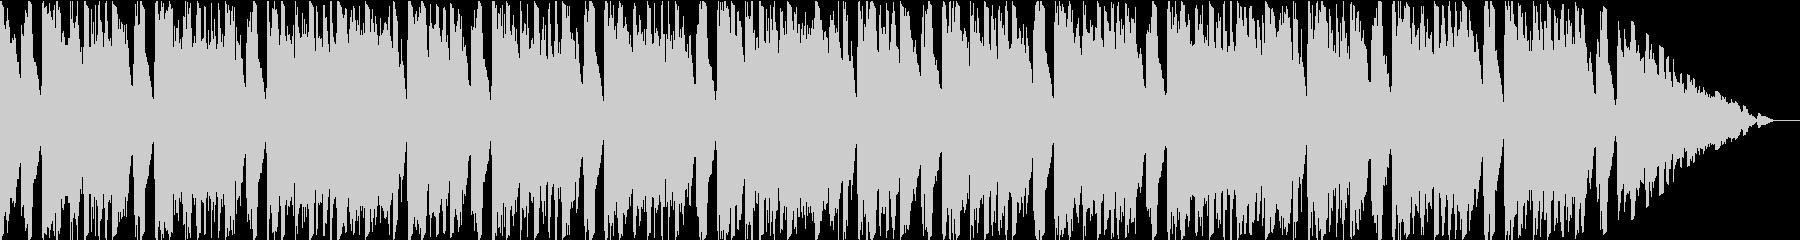 ピアノとストリングス主体の爽やかポップスの未再生の波形